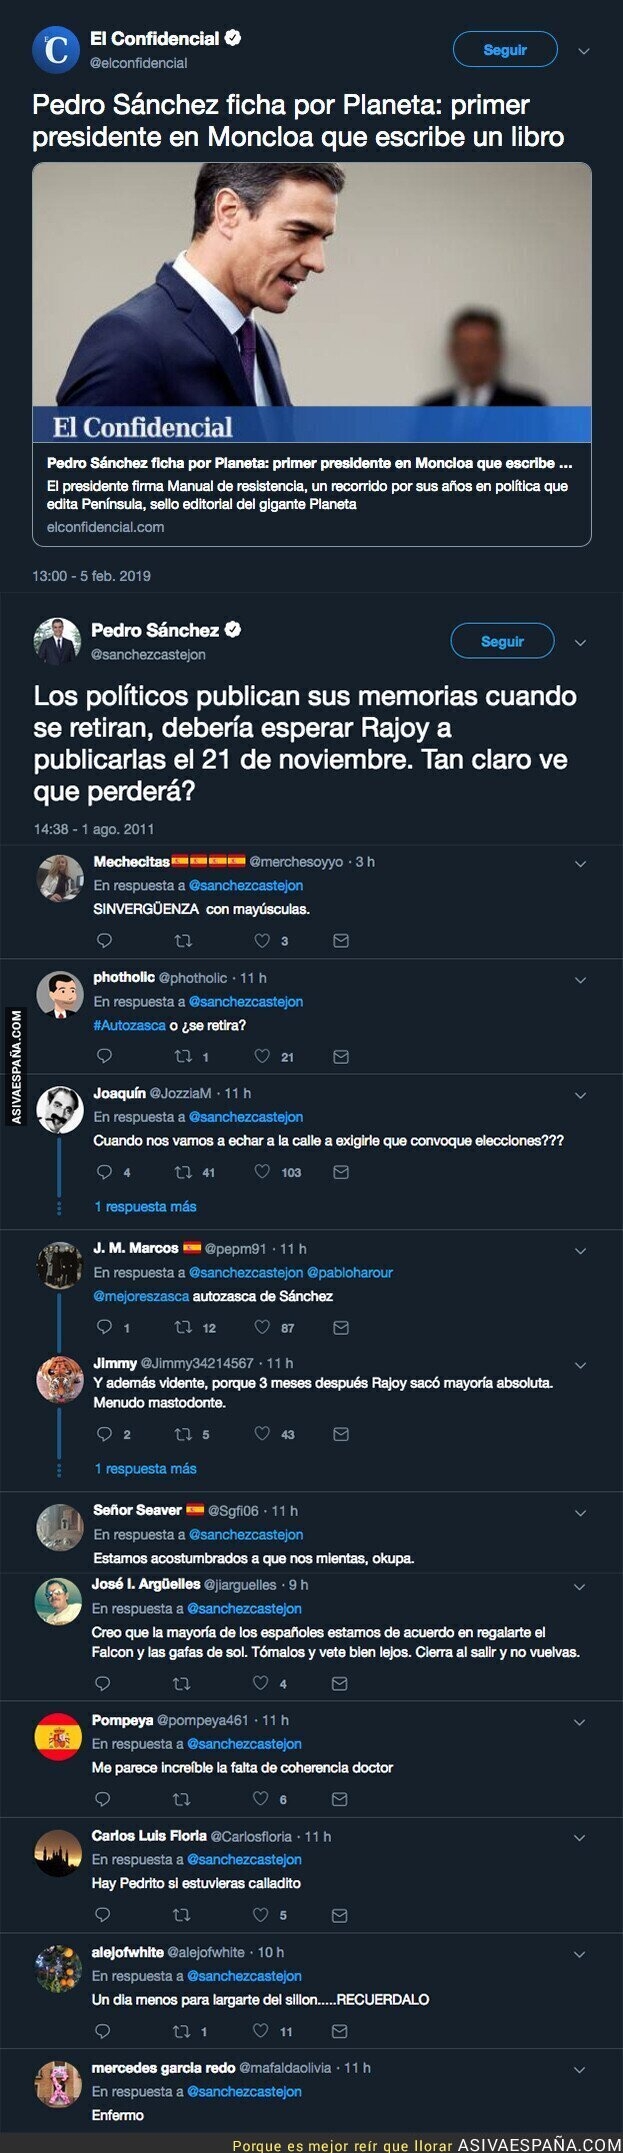 104058 - Pedro Sánchez va a sacar un libro de memorias mientras es Presidente y rescatan un tuit de 2011 que le deja realmente mal